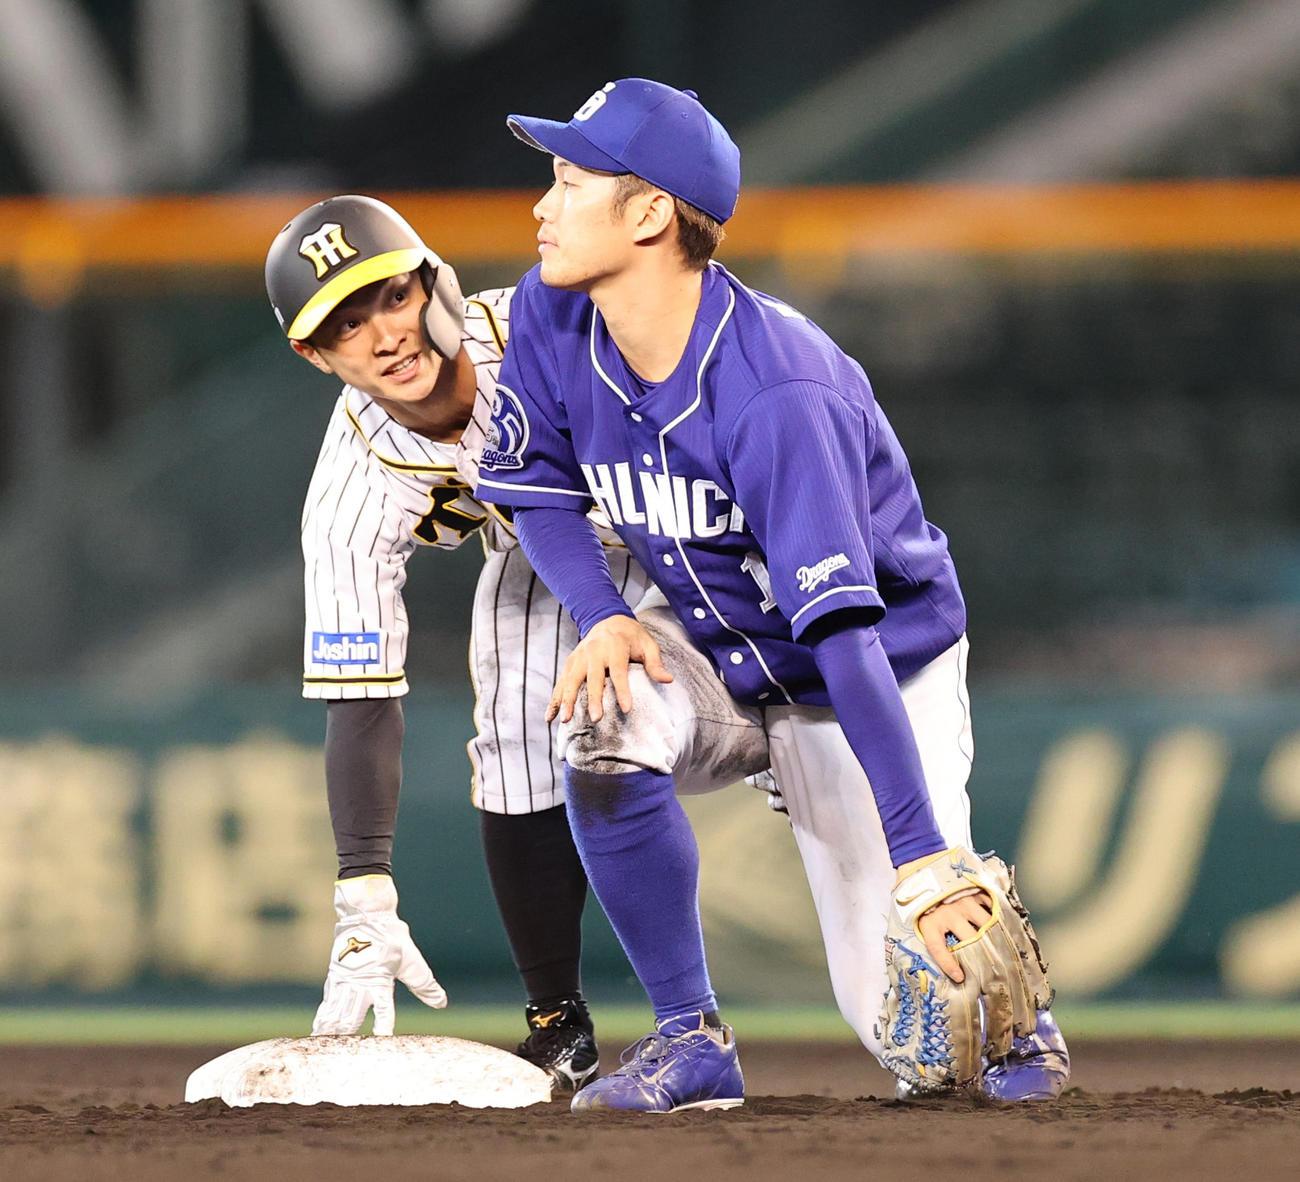 阪神対中日 7回裏阪神2死一塁、打者近本の時に二盗を決める代走熊谷(撮影・清水貴仁)